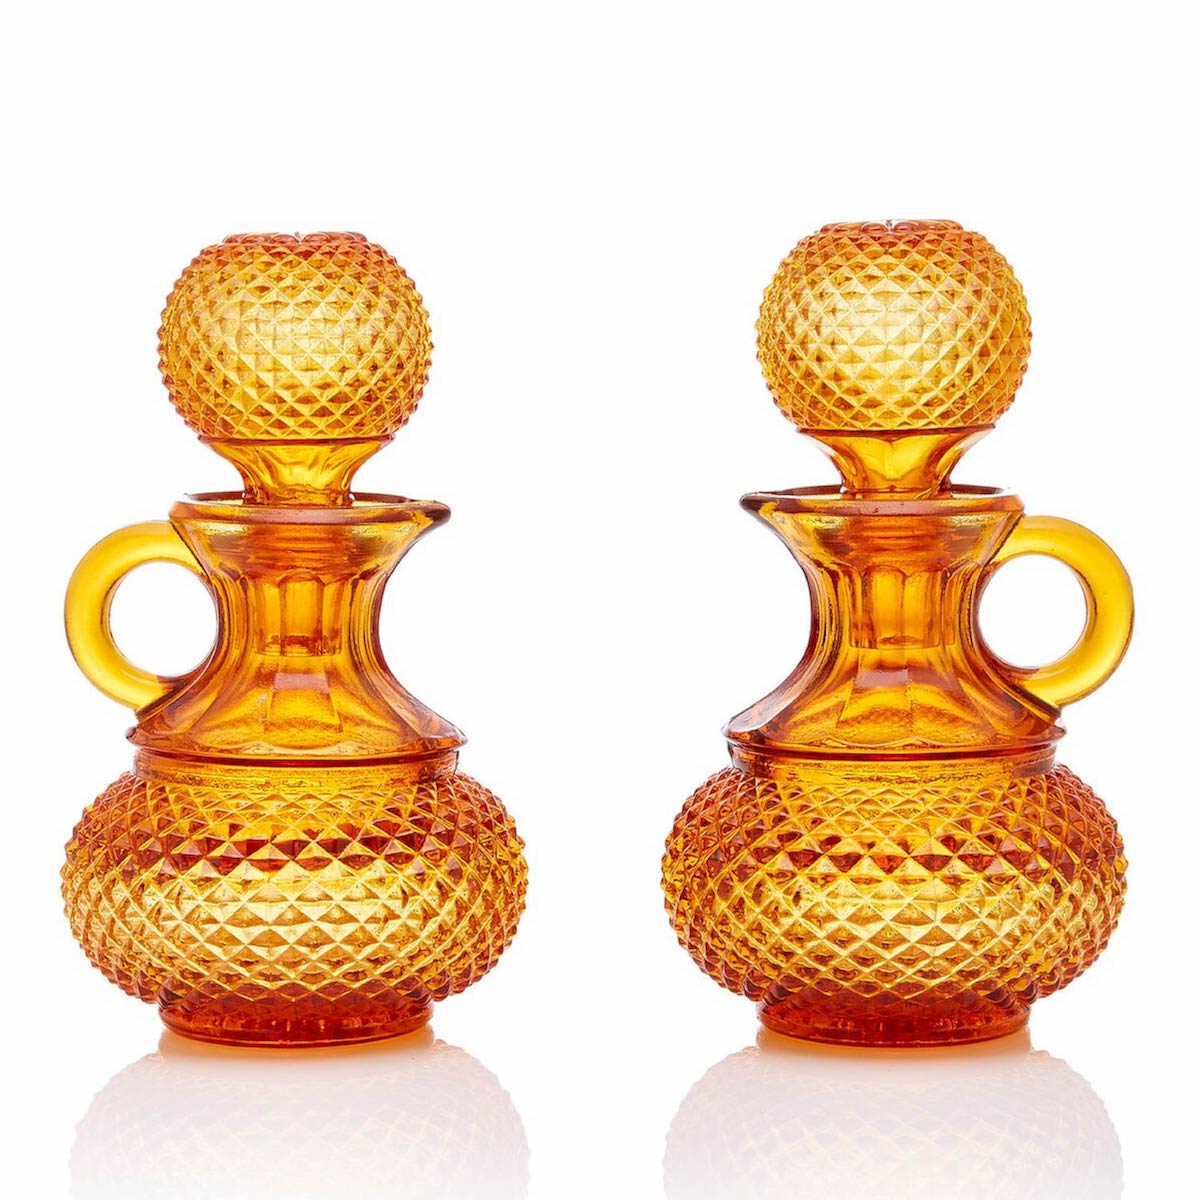 Galeano Oil & Vinegar Bottles